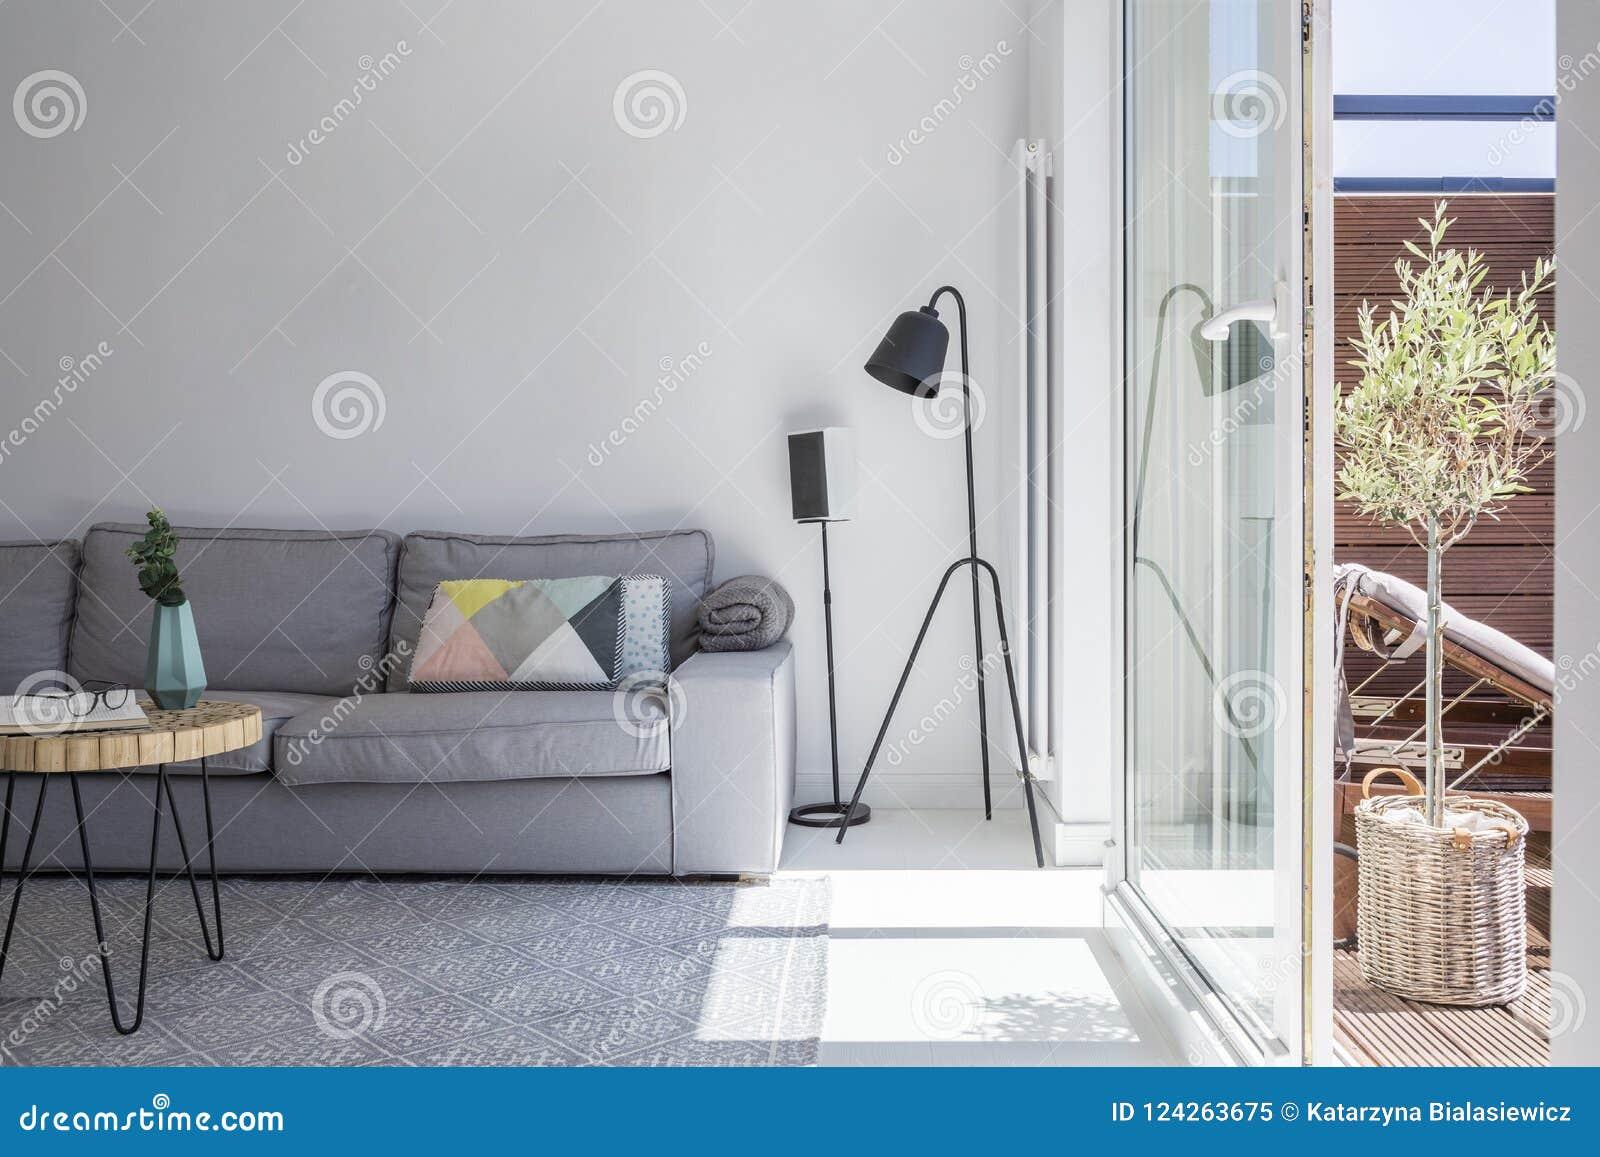 Lampen Voor Woonkamer : Affiches boven grijze bank naast lampen in heldere woonkamer inte